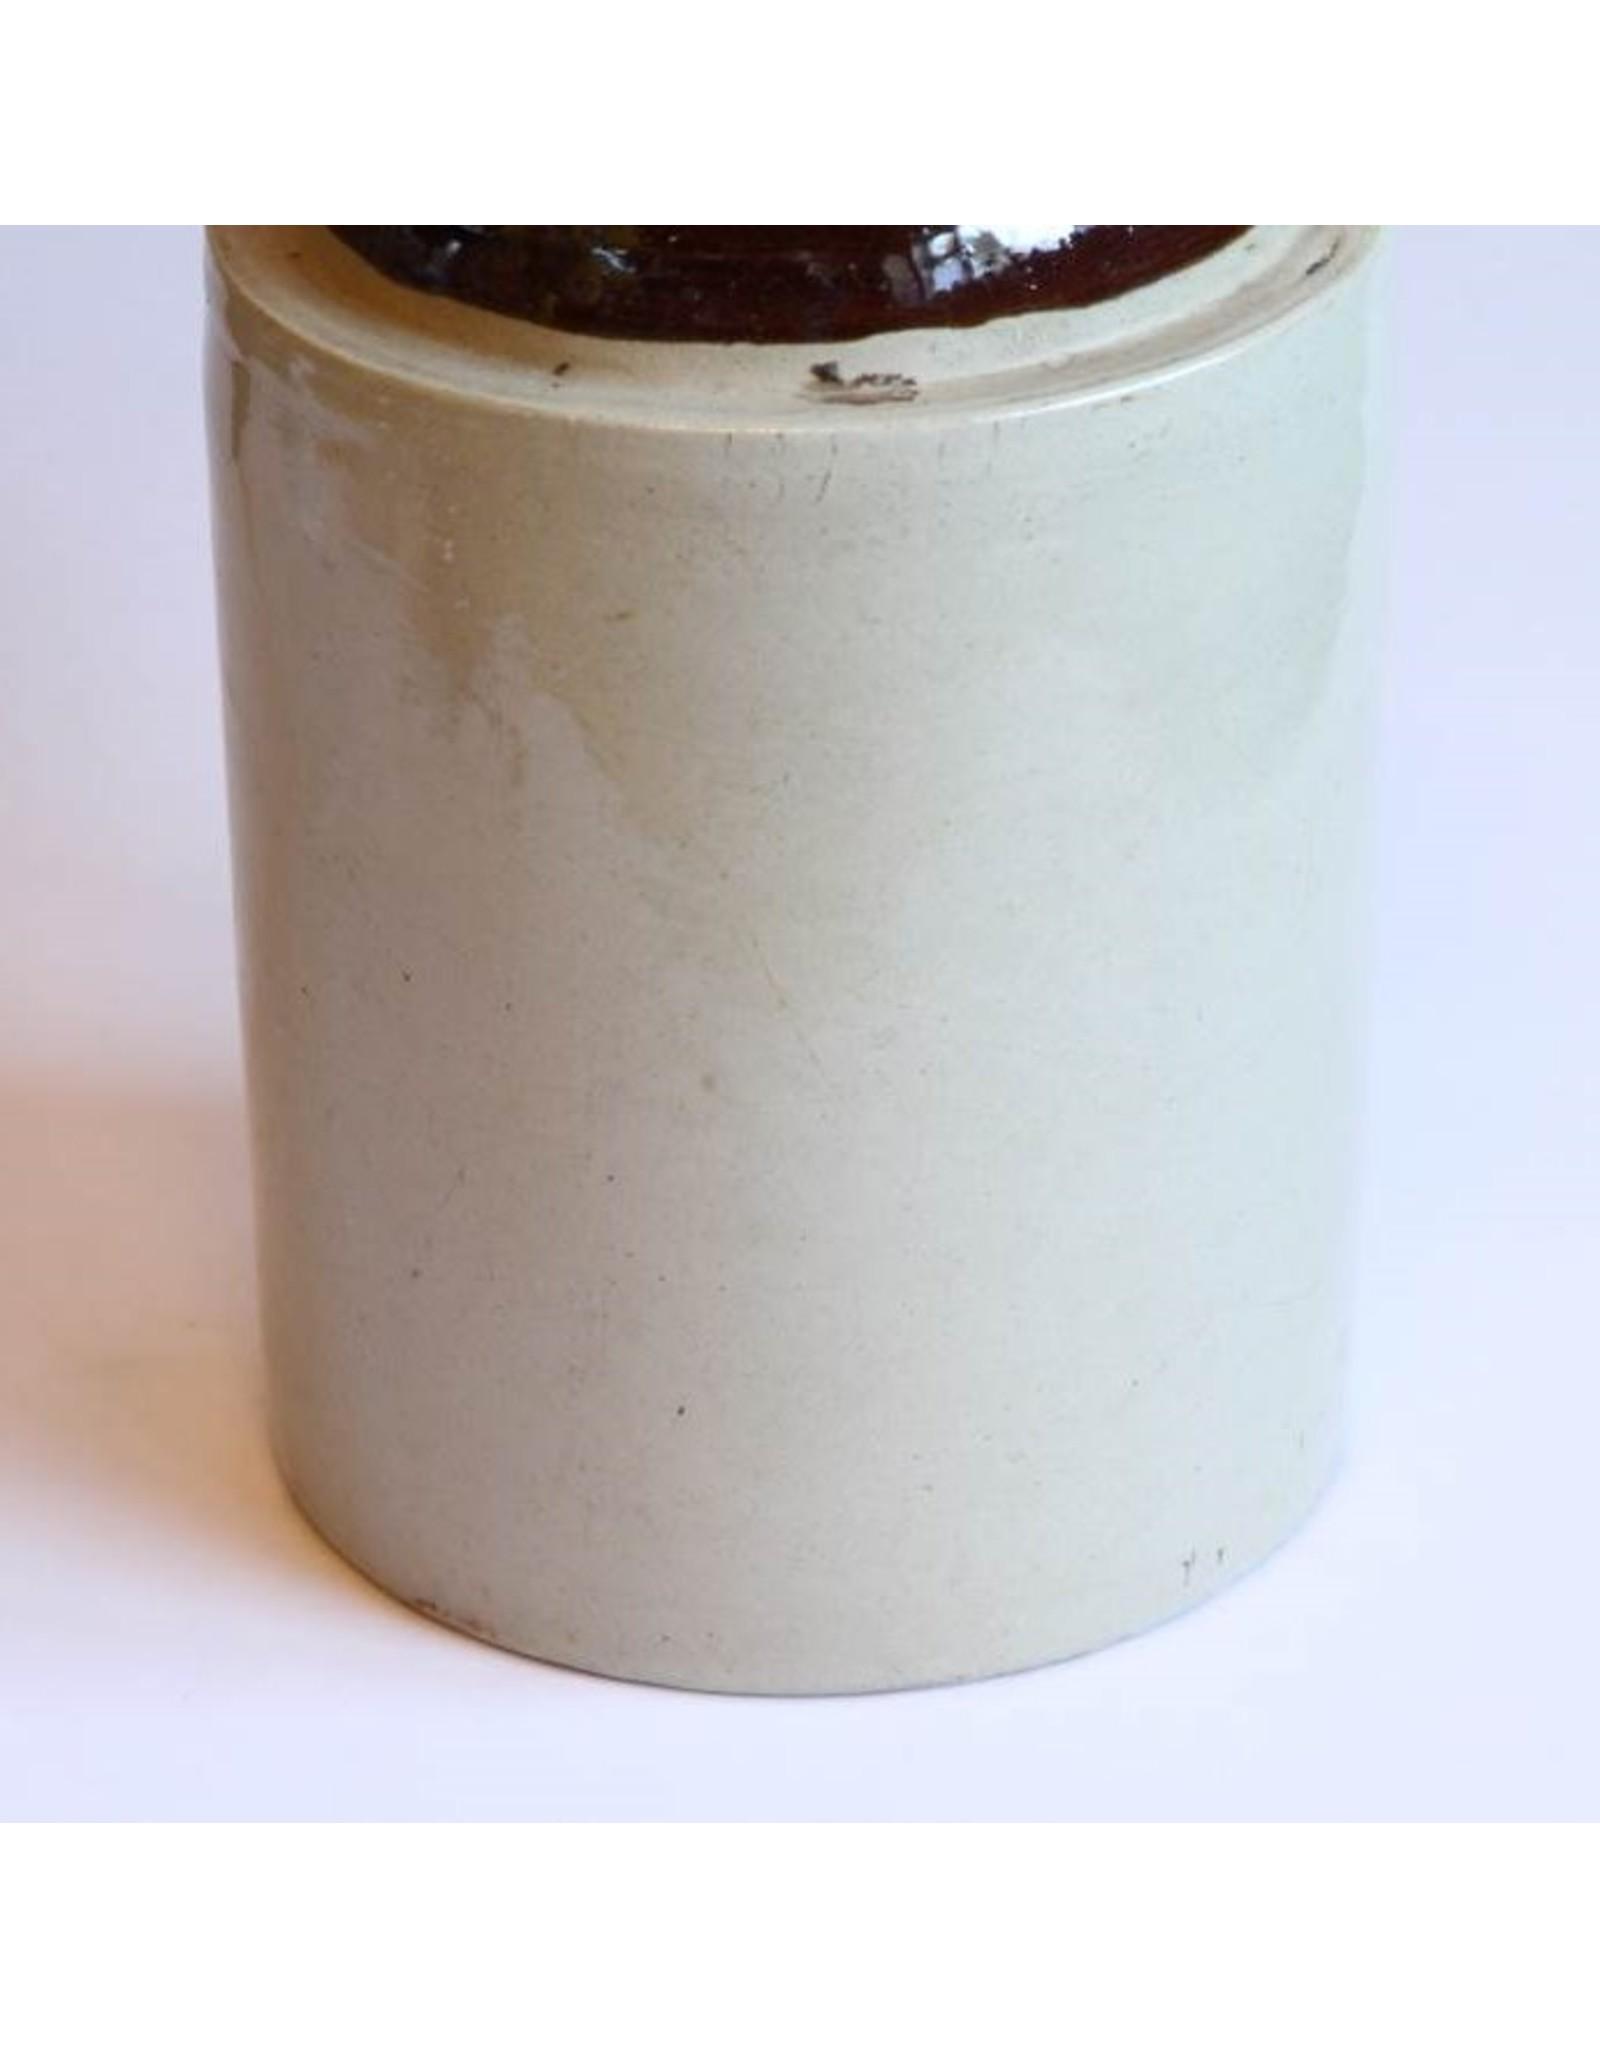 Jug - two gallon, stoneware, whisky shoulder jug